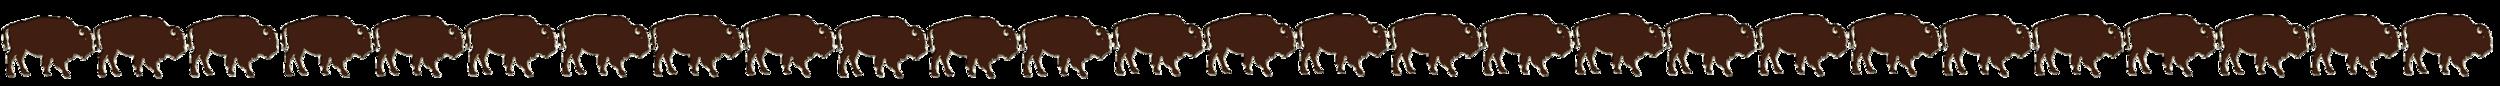 bison line.png